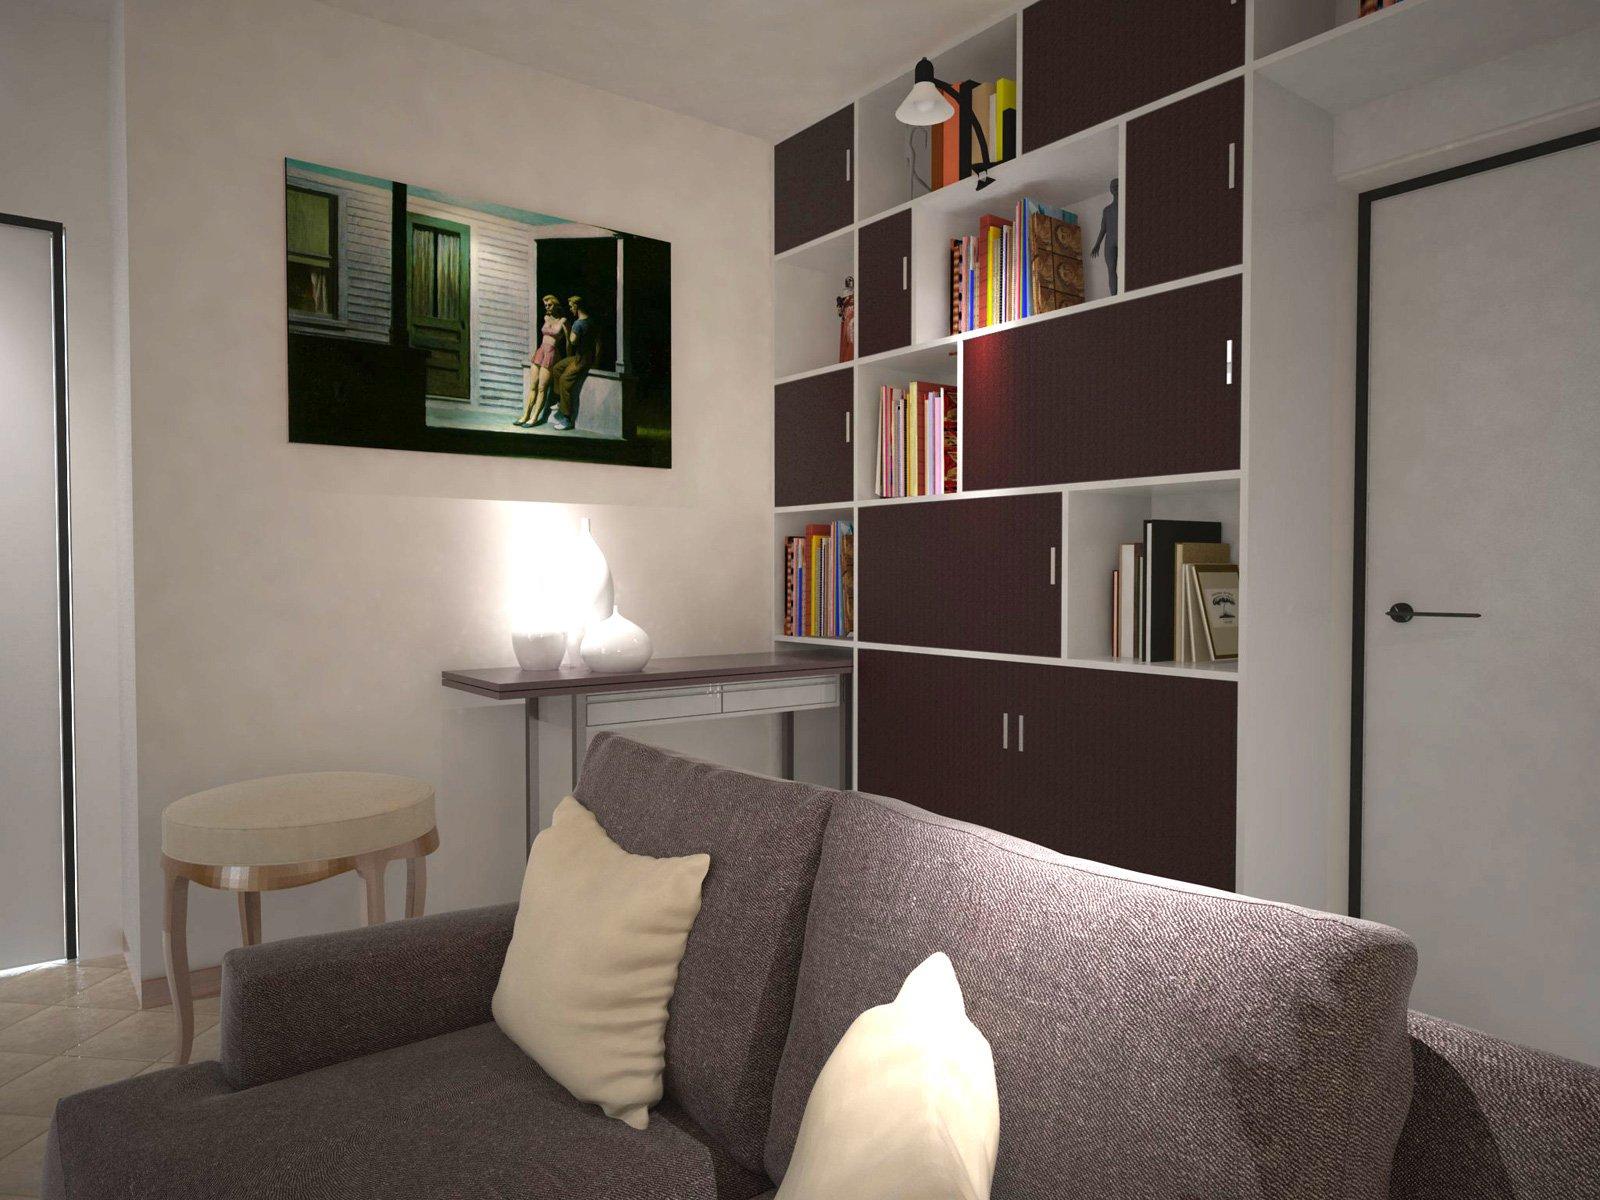 arredare un soggiorno con tante aperture sulle pareti - cose di casa - Arredare Soggiorno Con Sala Da Pranzo 2